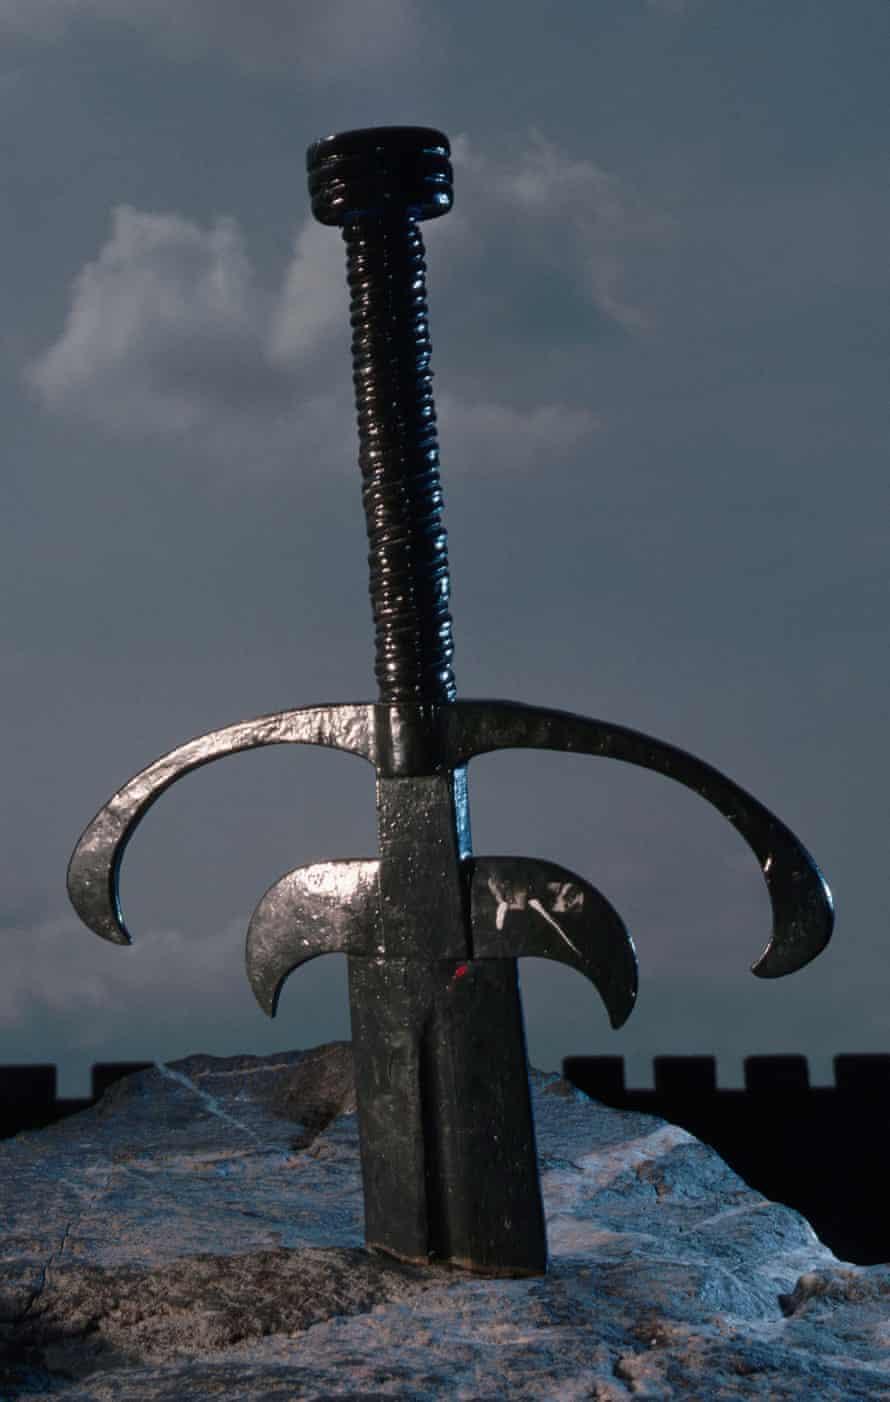 The legendary King Arthur's sword embedded in stone.